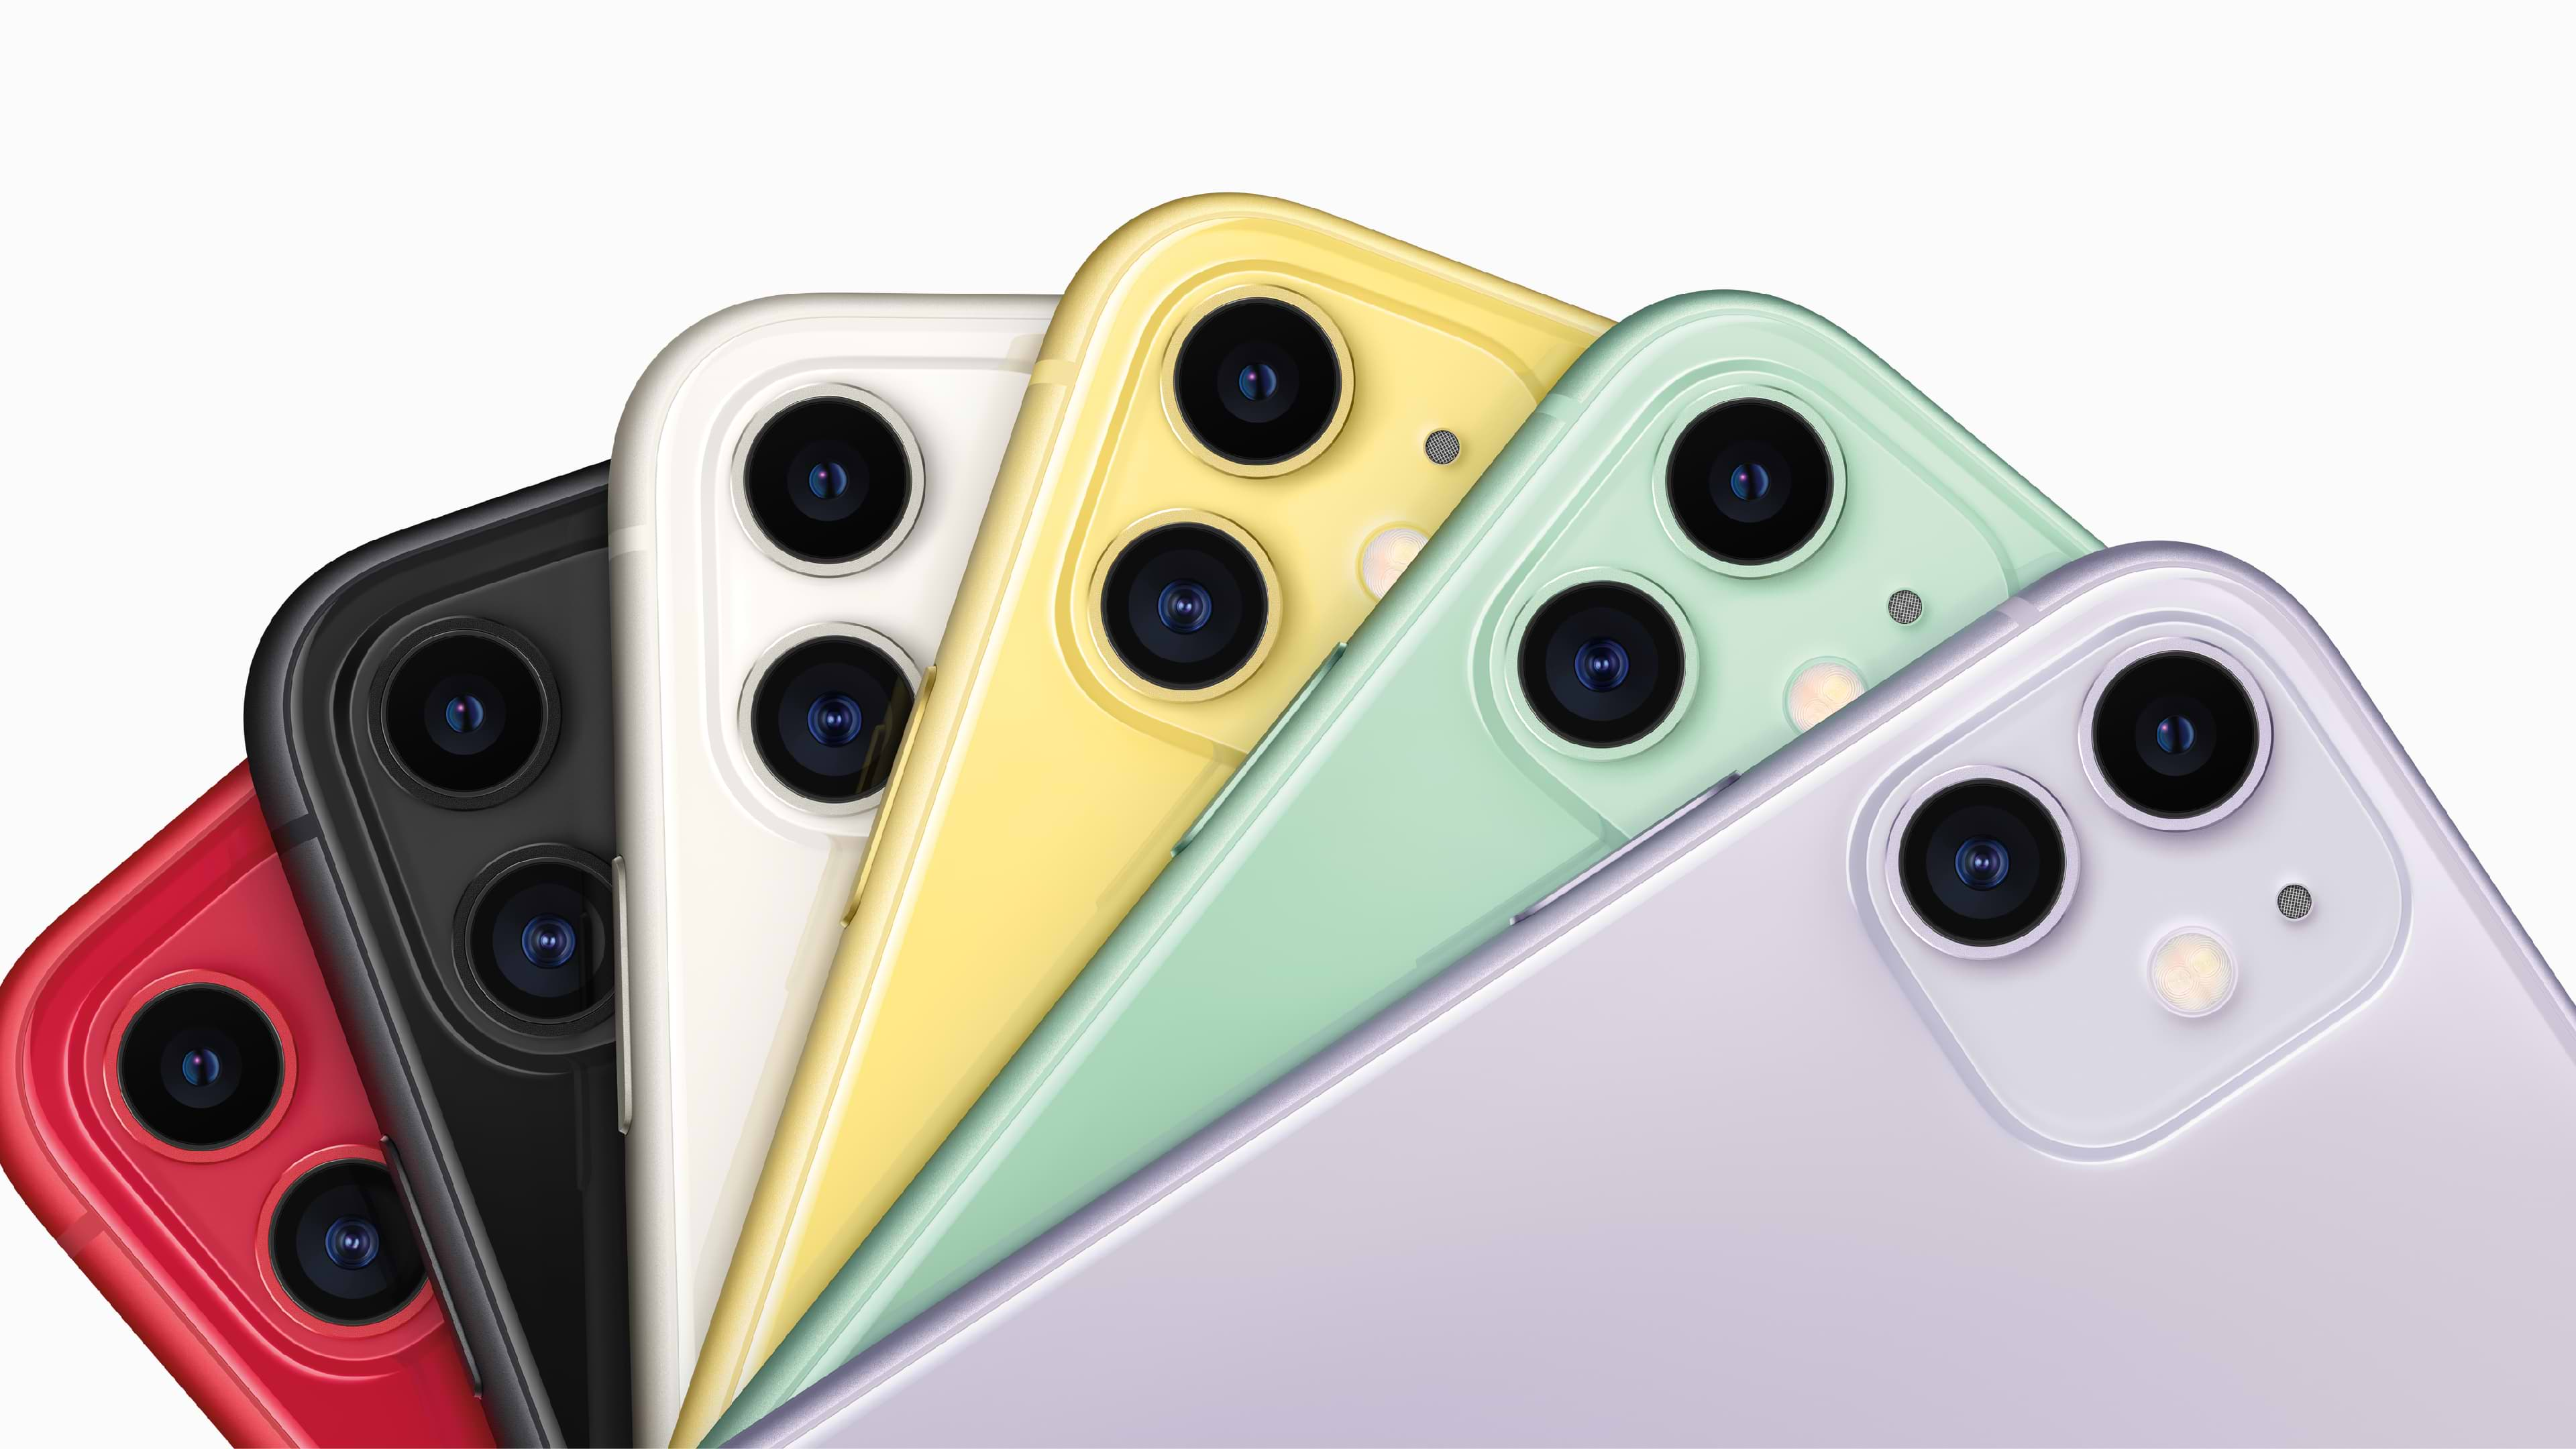 תוכנית החלפת מודול תצוגה למכשירי iPhone 11 בעלי בעיות מגע